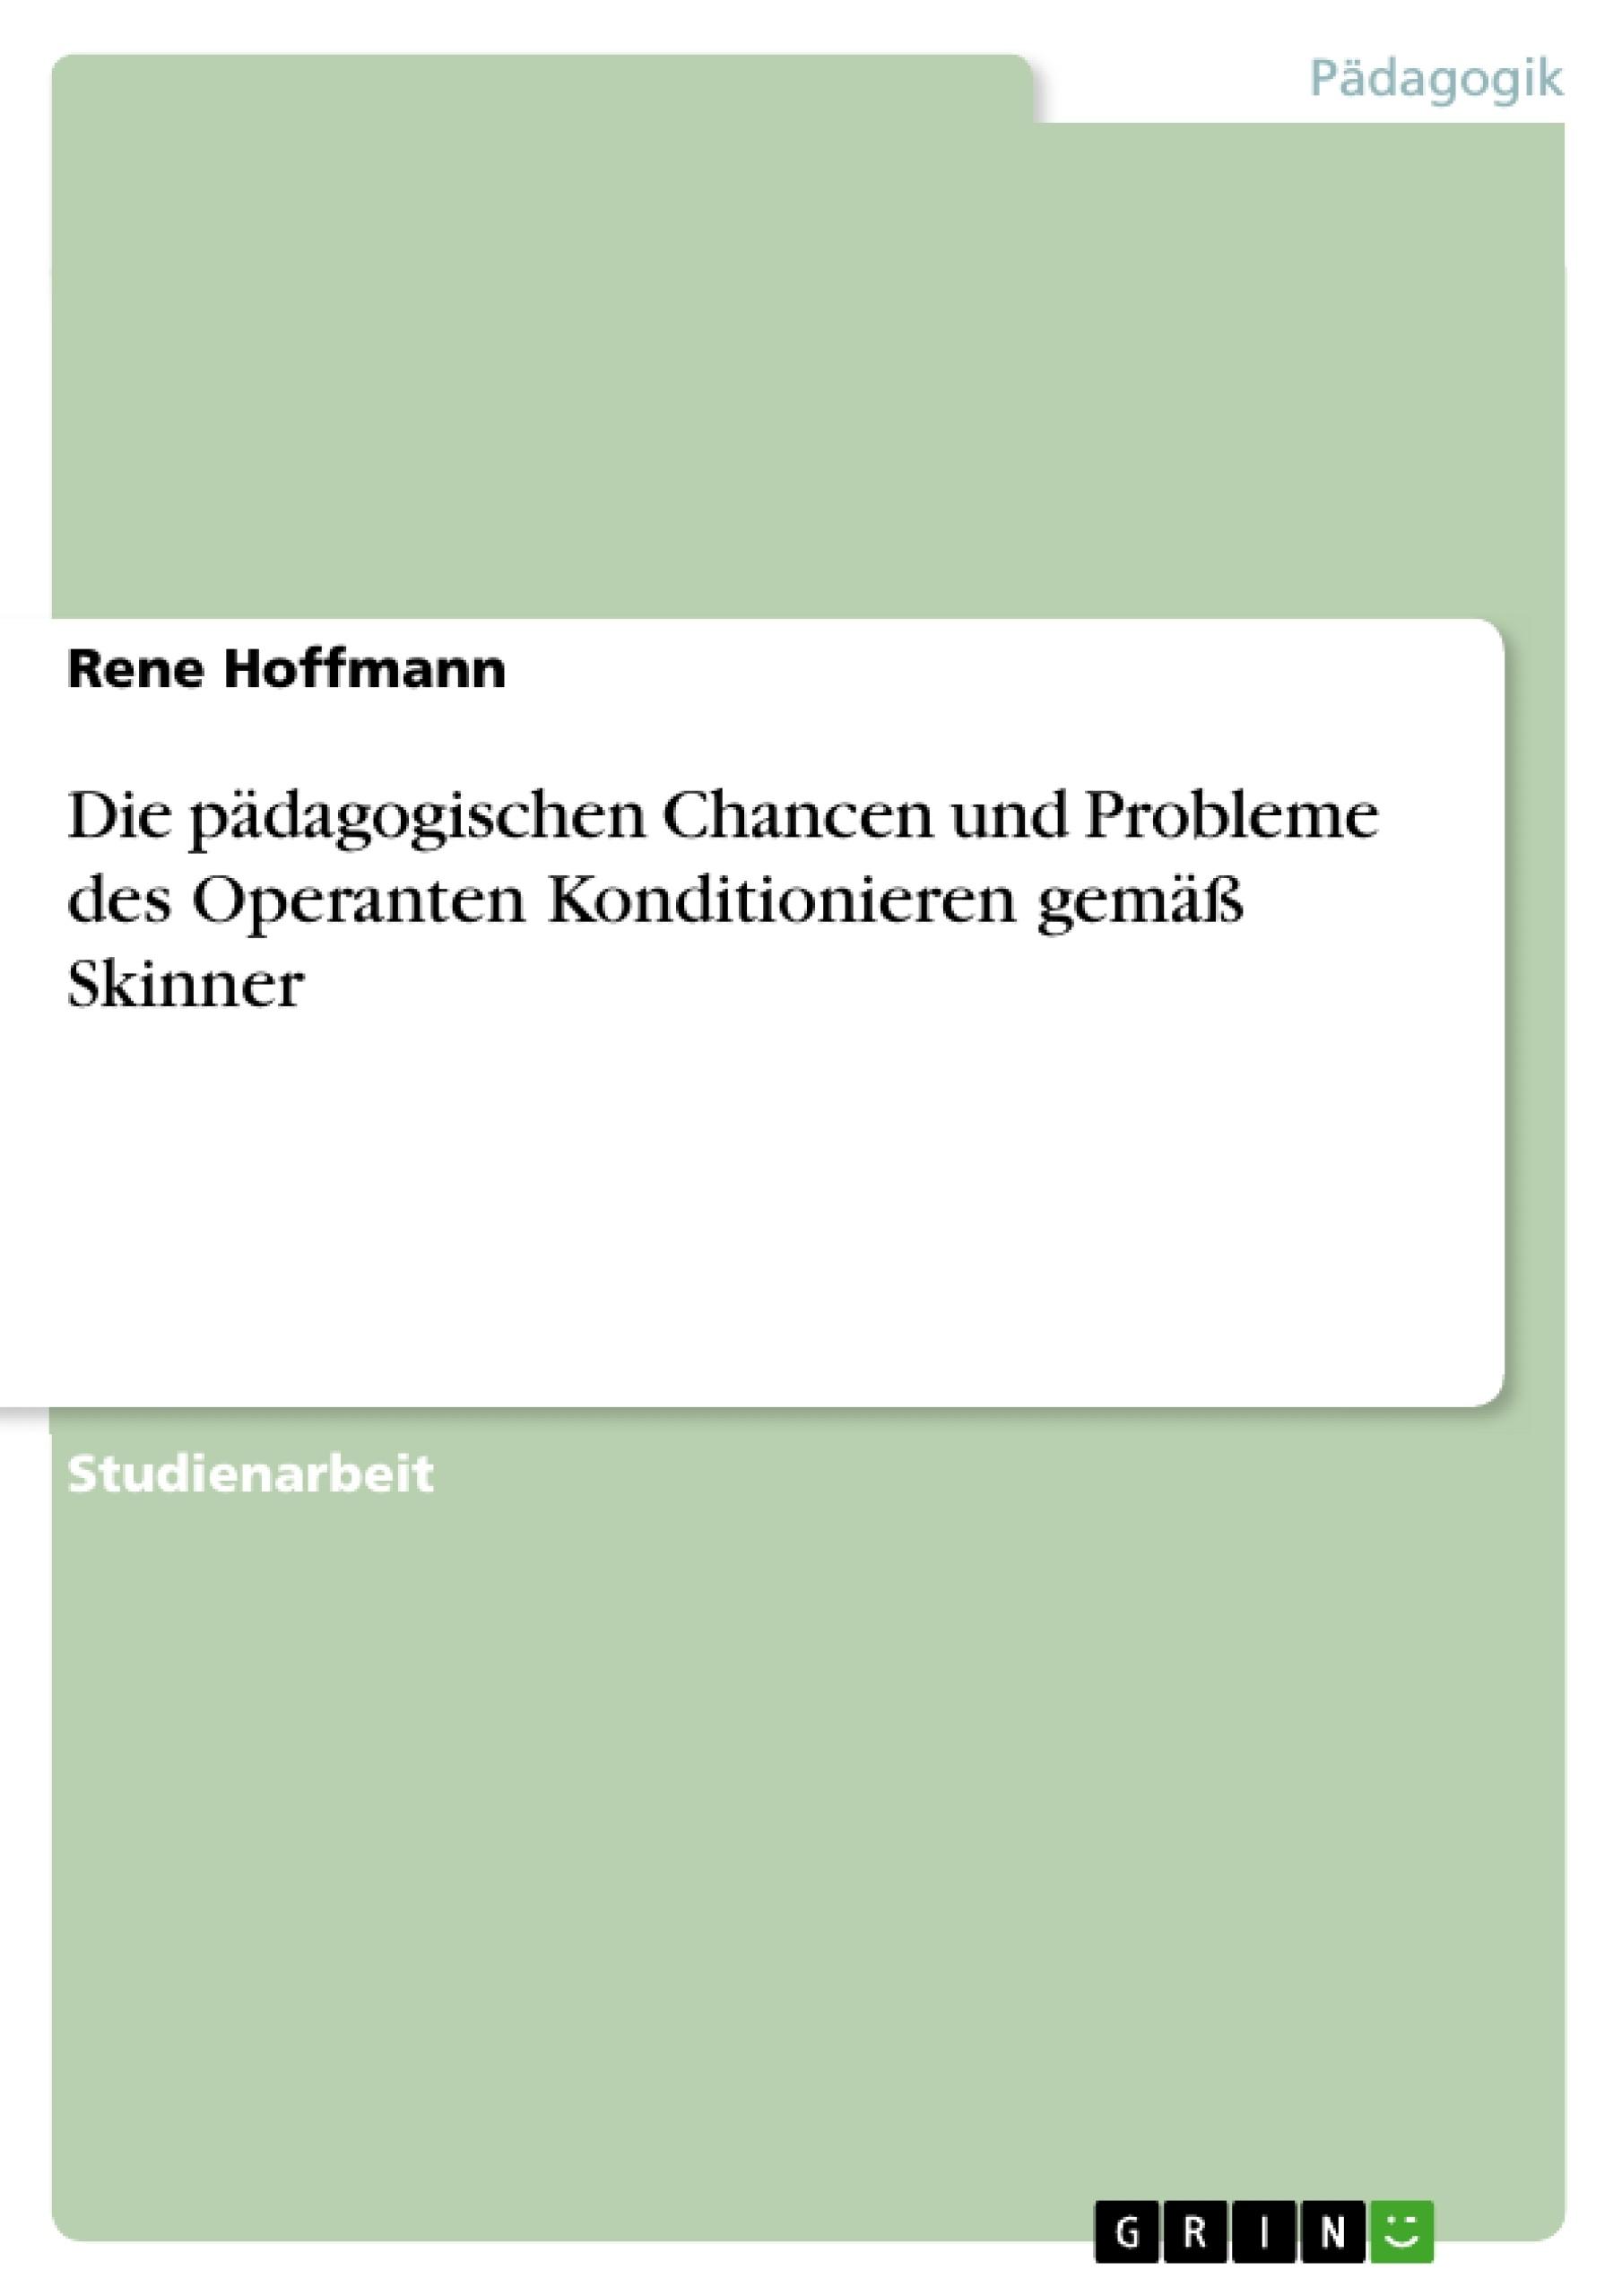 Titel: Die pädagogischen Chancen und Probleme des Operanten Konditionieren gemäß Skinner